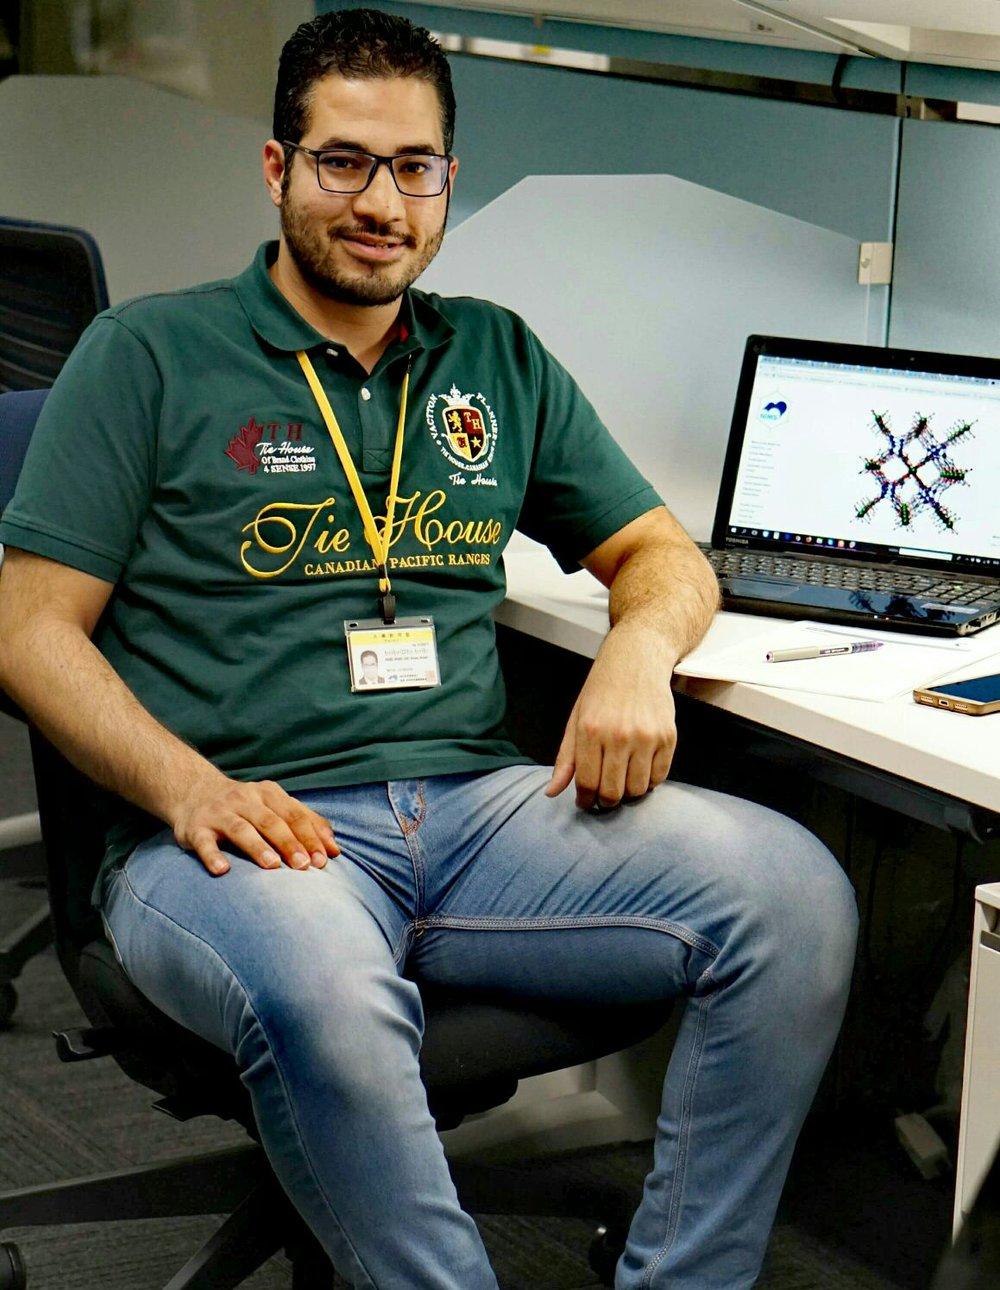 Mohamed Esmat